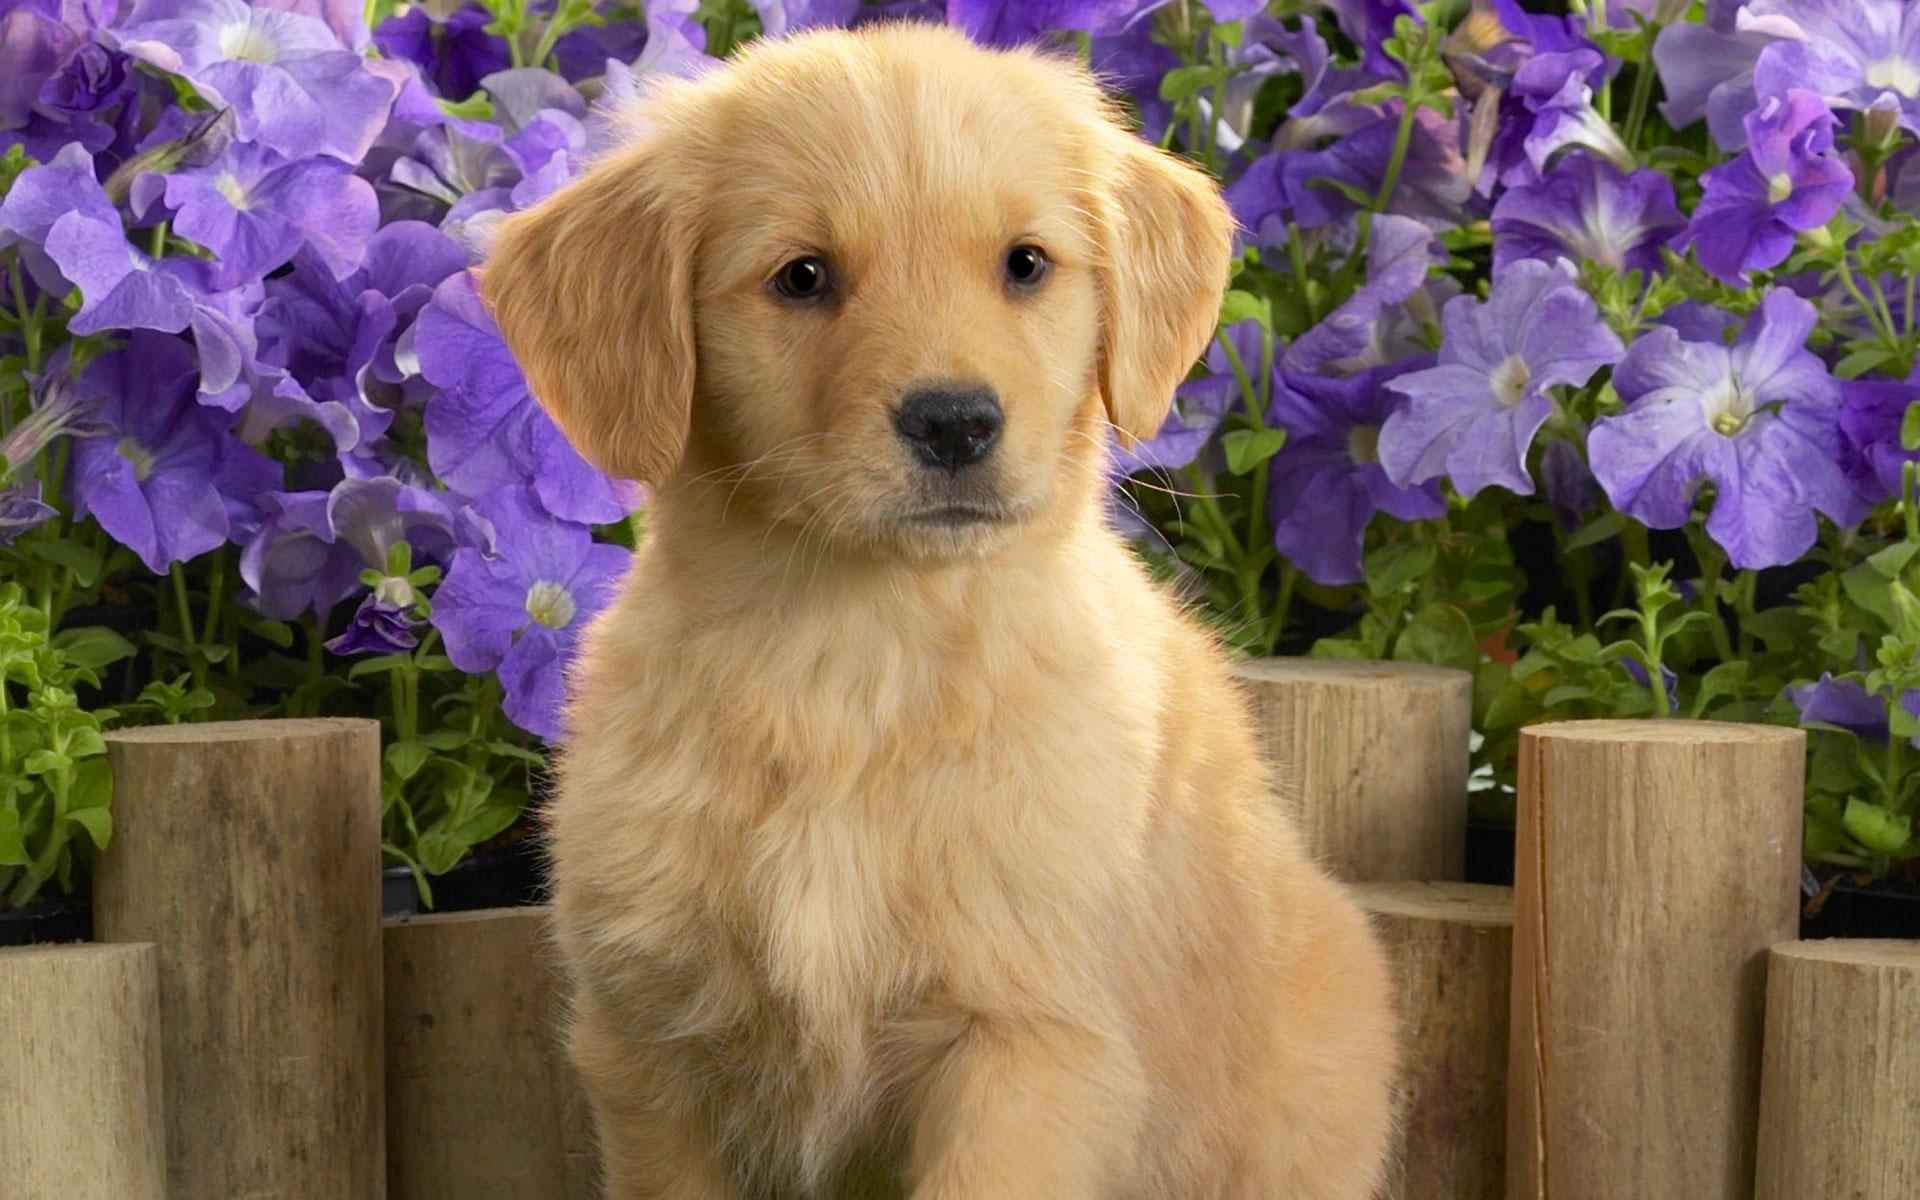 retriever screensavers 27   The Dog Wallpaper   Best The Dog Wallpaper 1920x1200